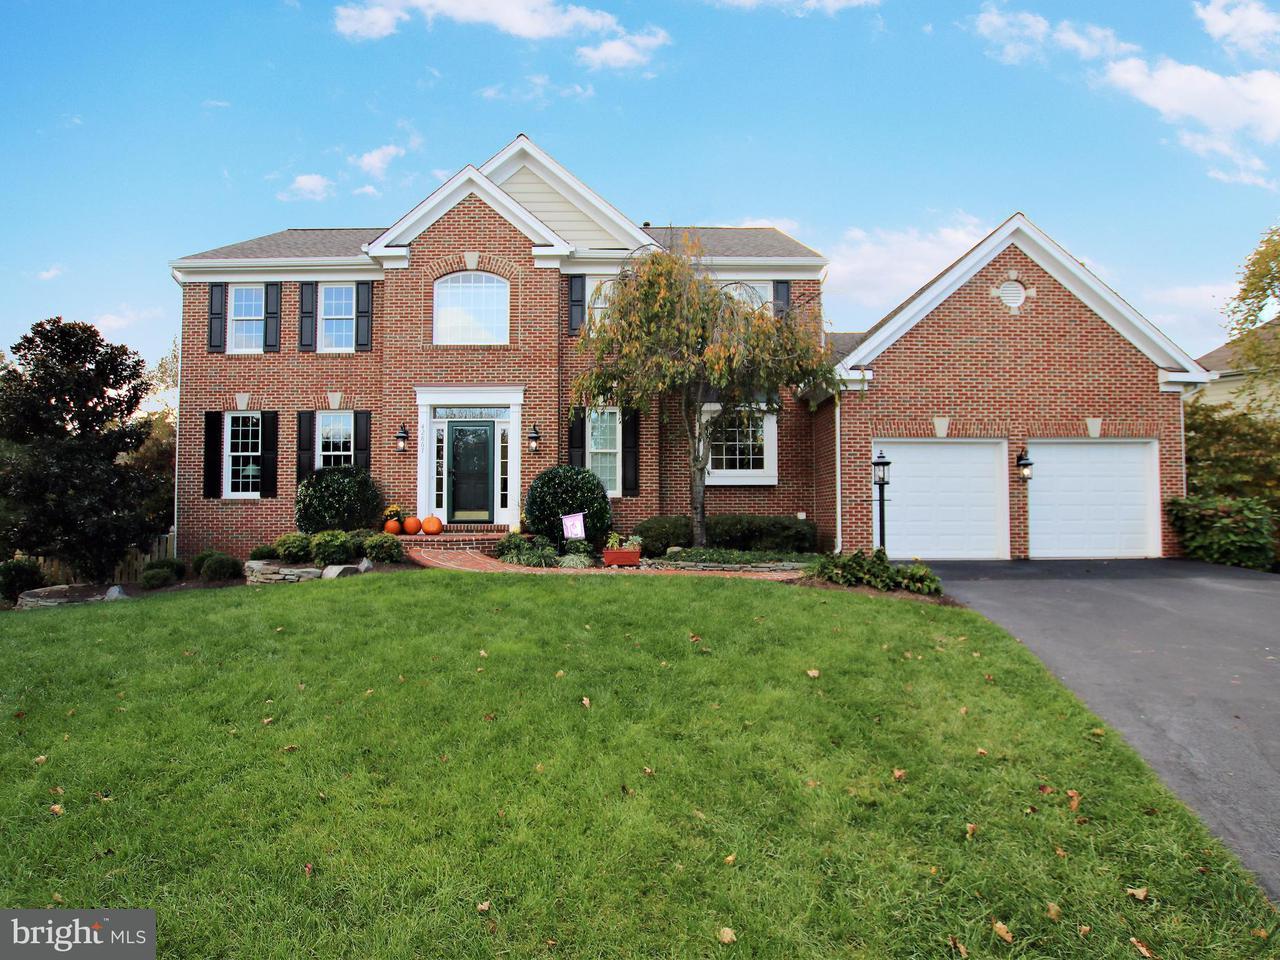 Частный односемейный дом для того Продажа на 42867 AUTUMN HARVEST Court 42867 AUTUMN HARVEST Court Broadlands, Виргиния 20148 Соединенные Штаты